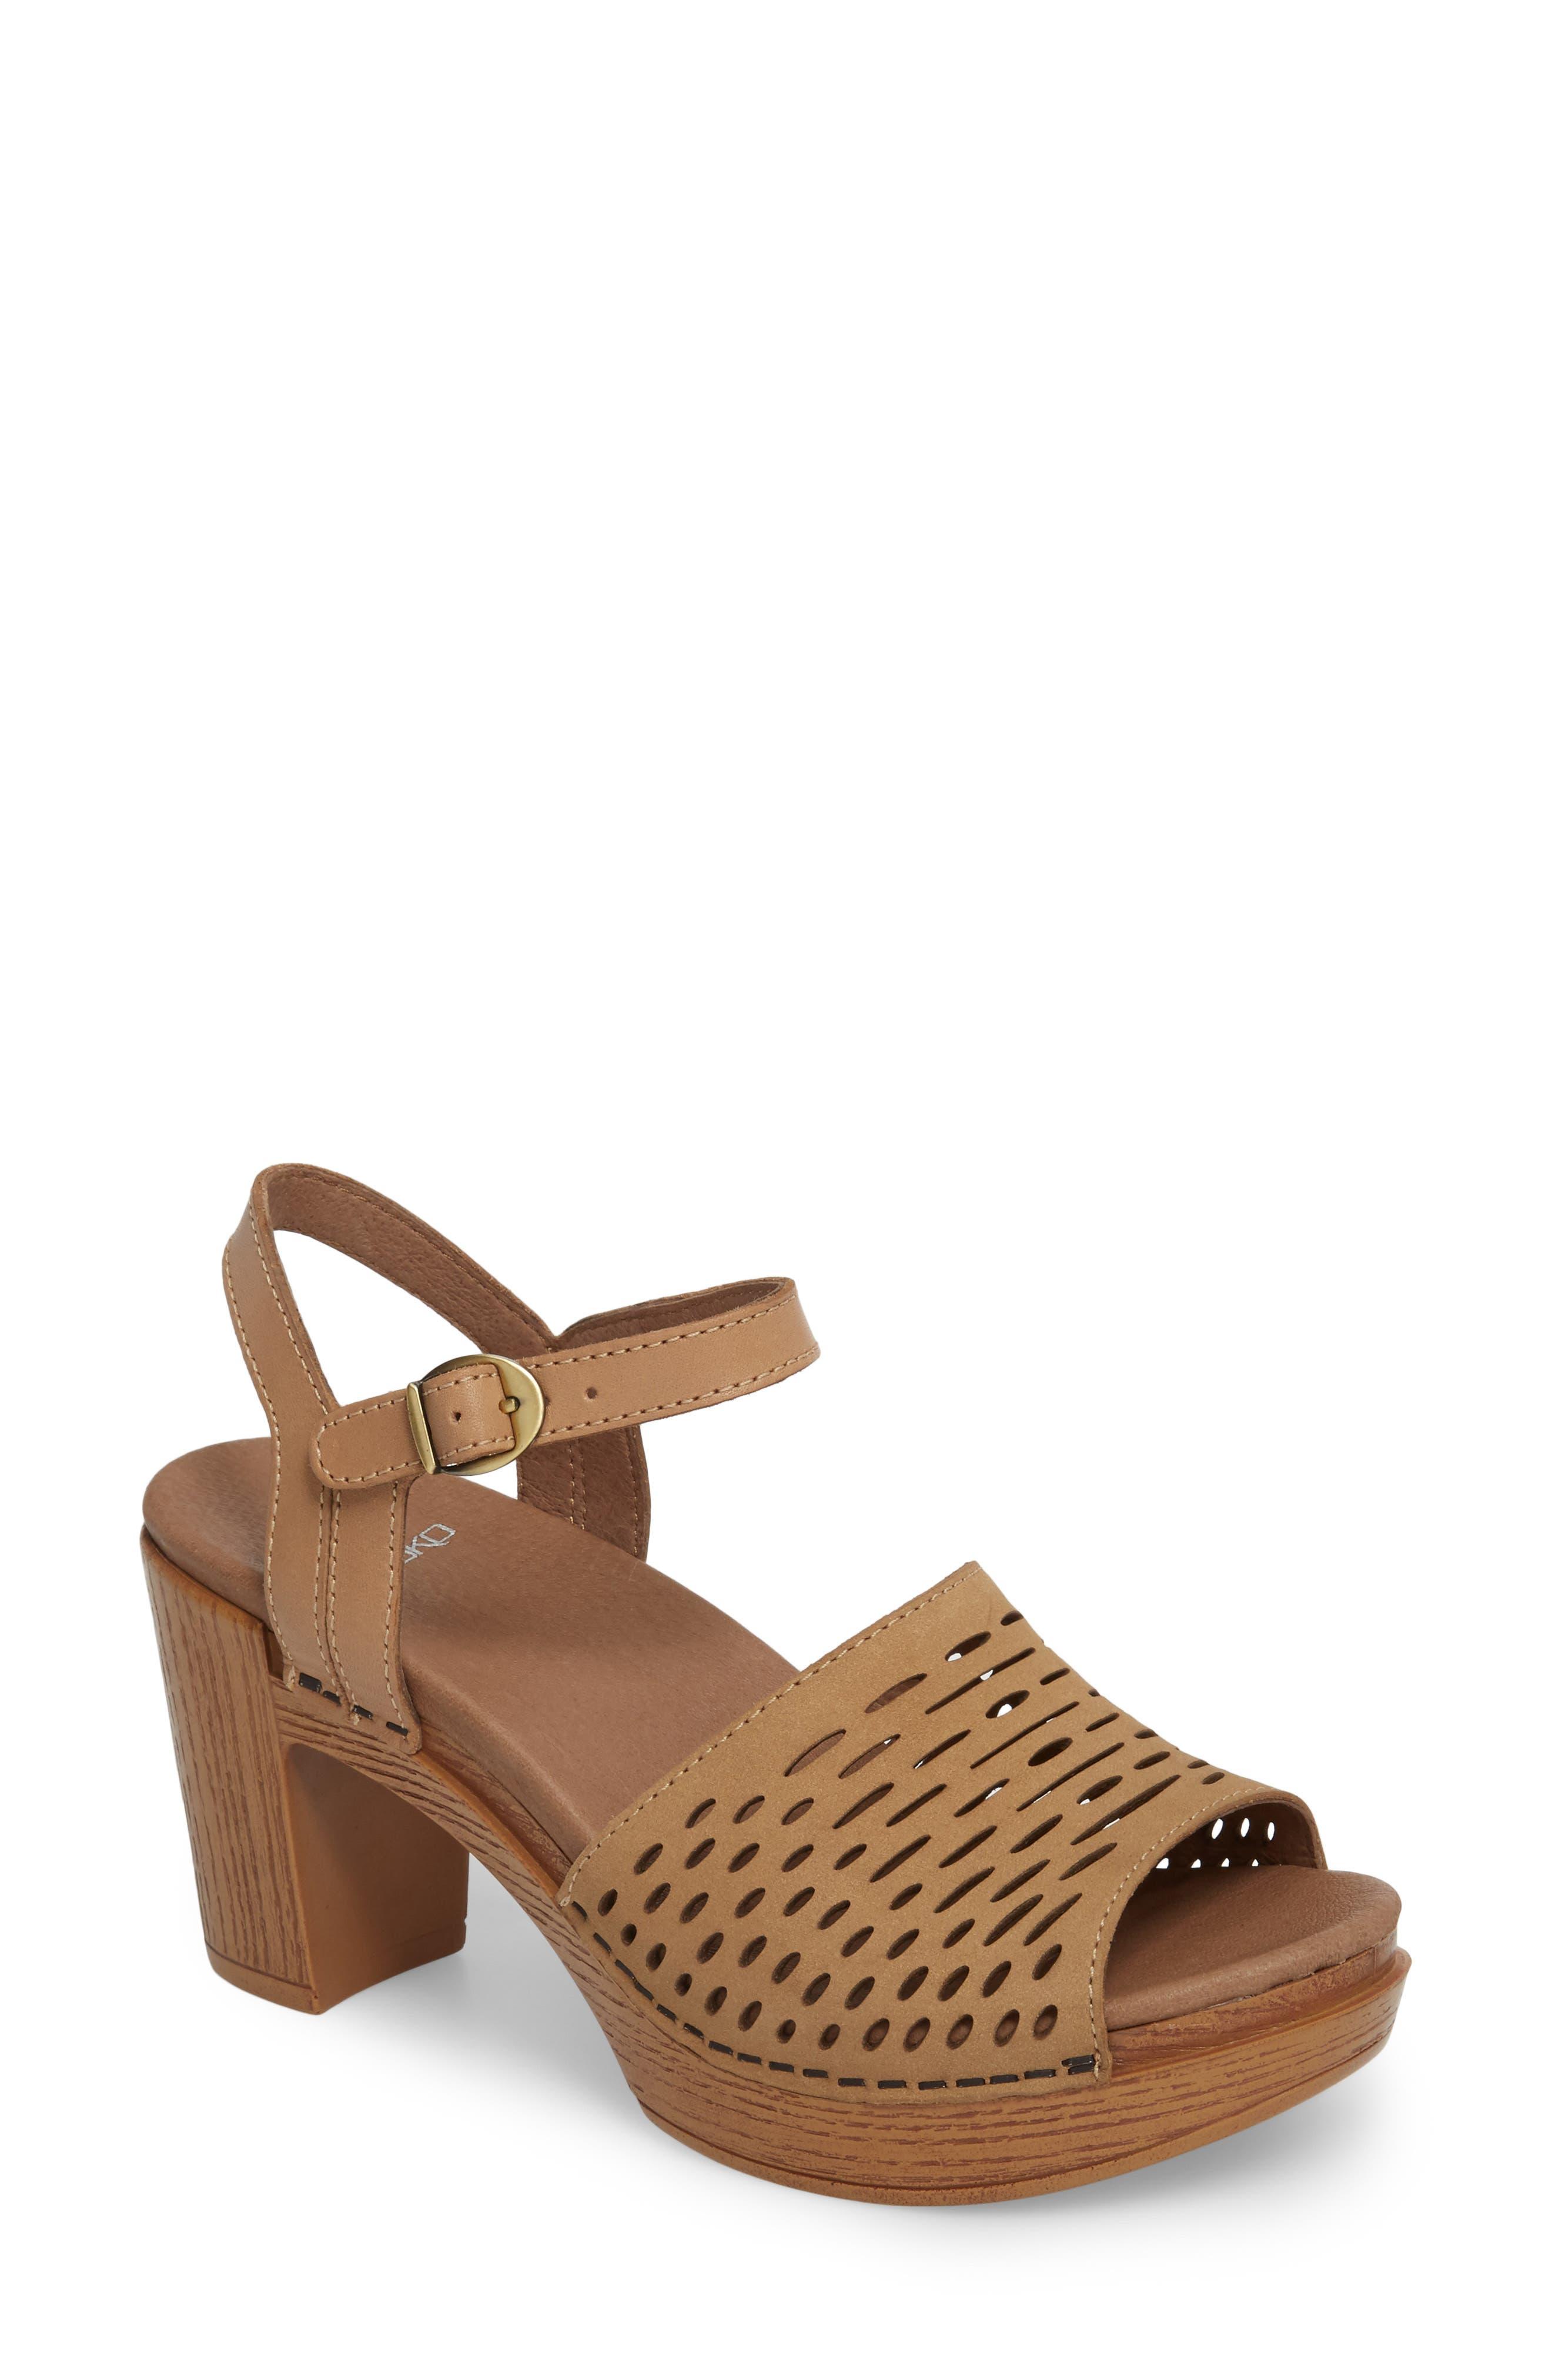 Denita Block Heel Sandal,                         Main,                         color, SAND MILLED NUBUCK